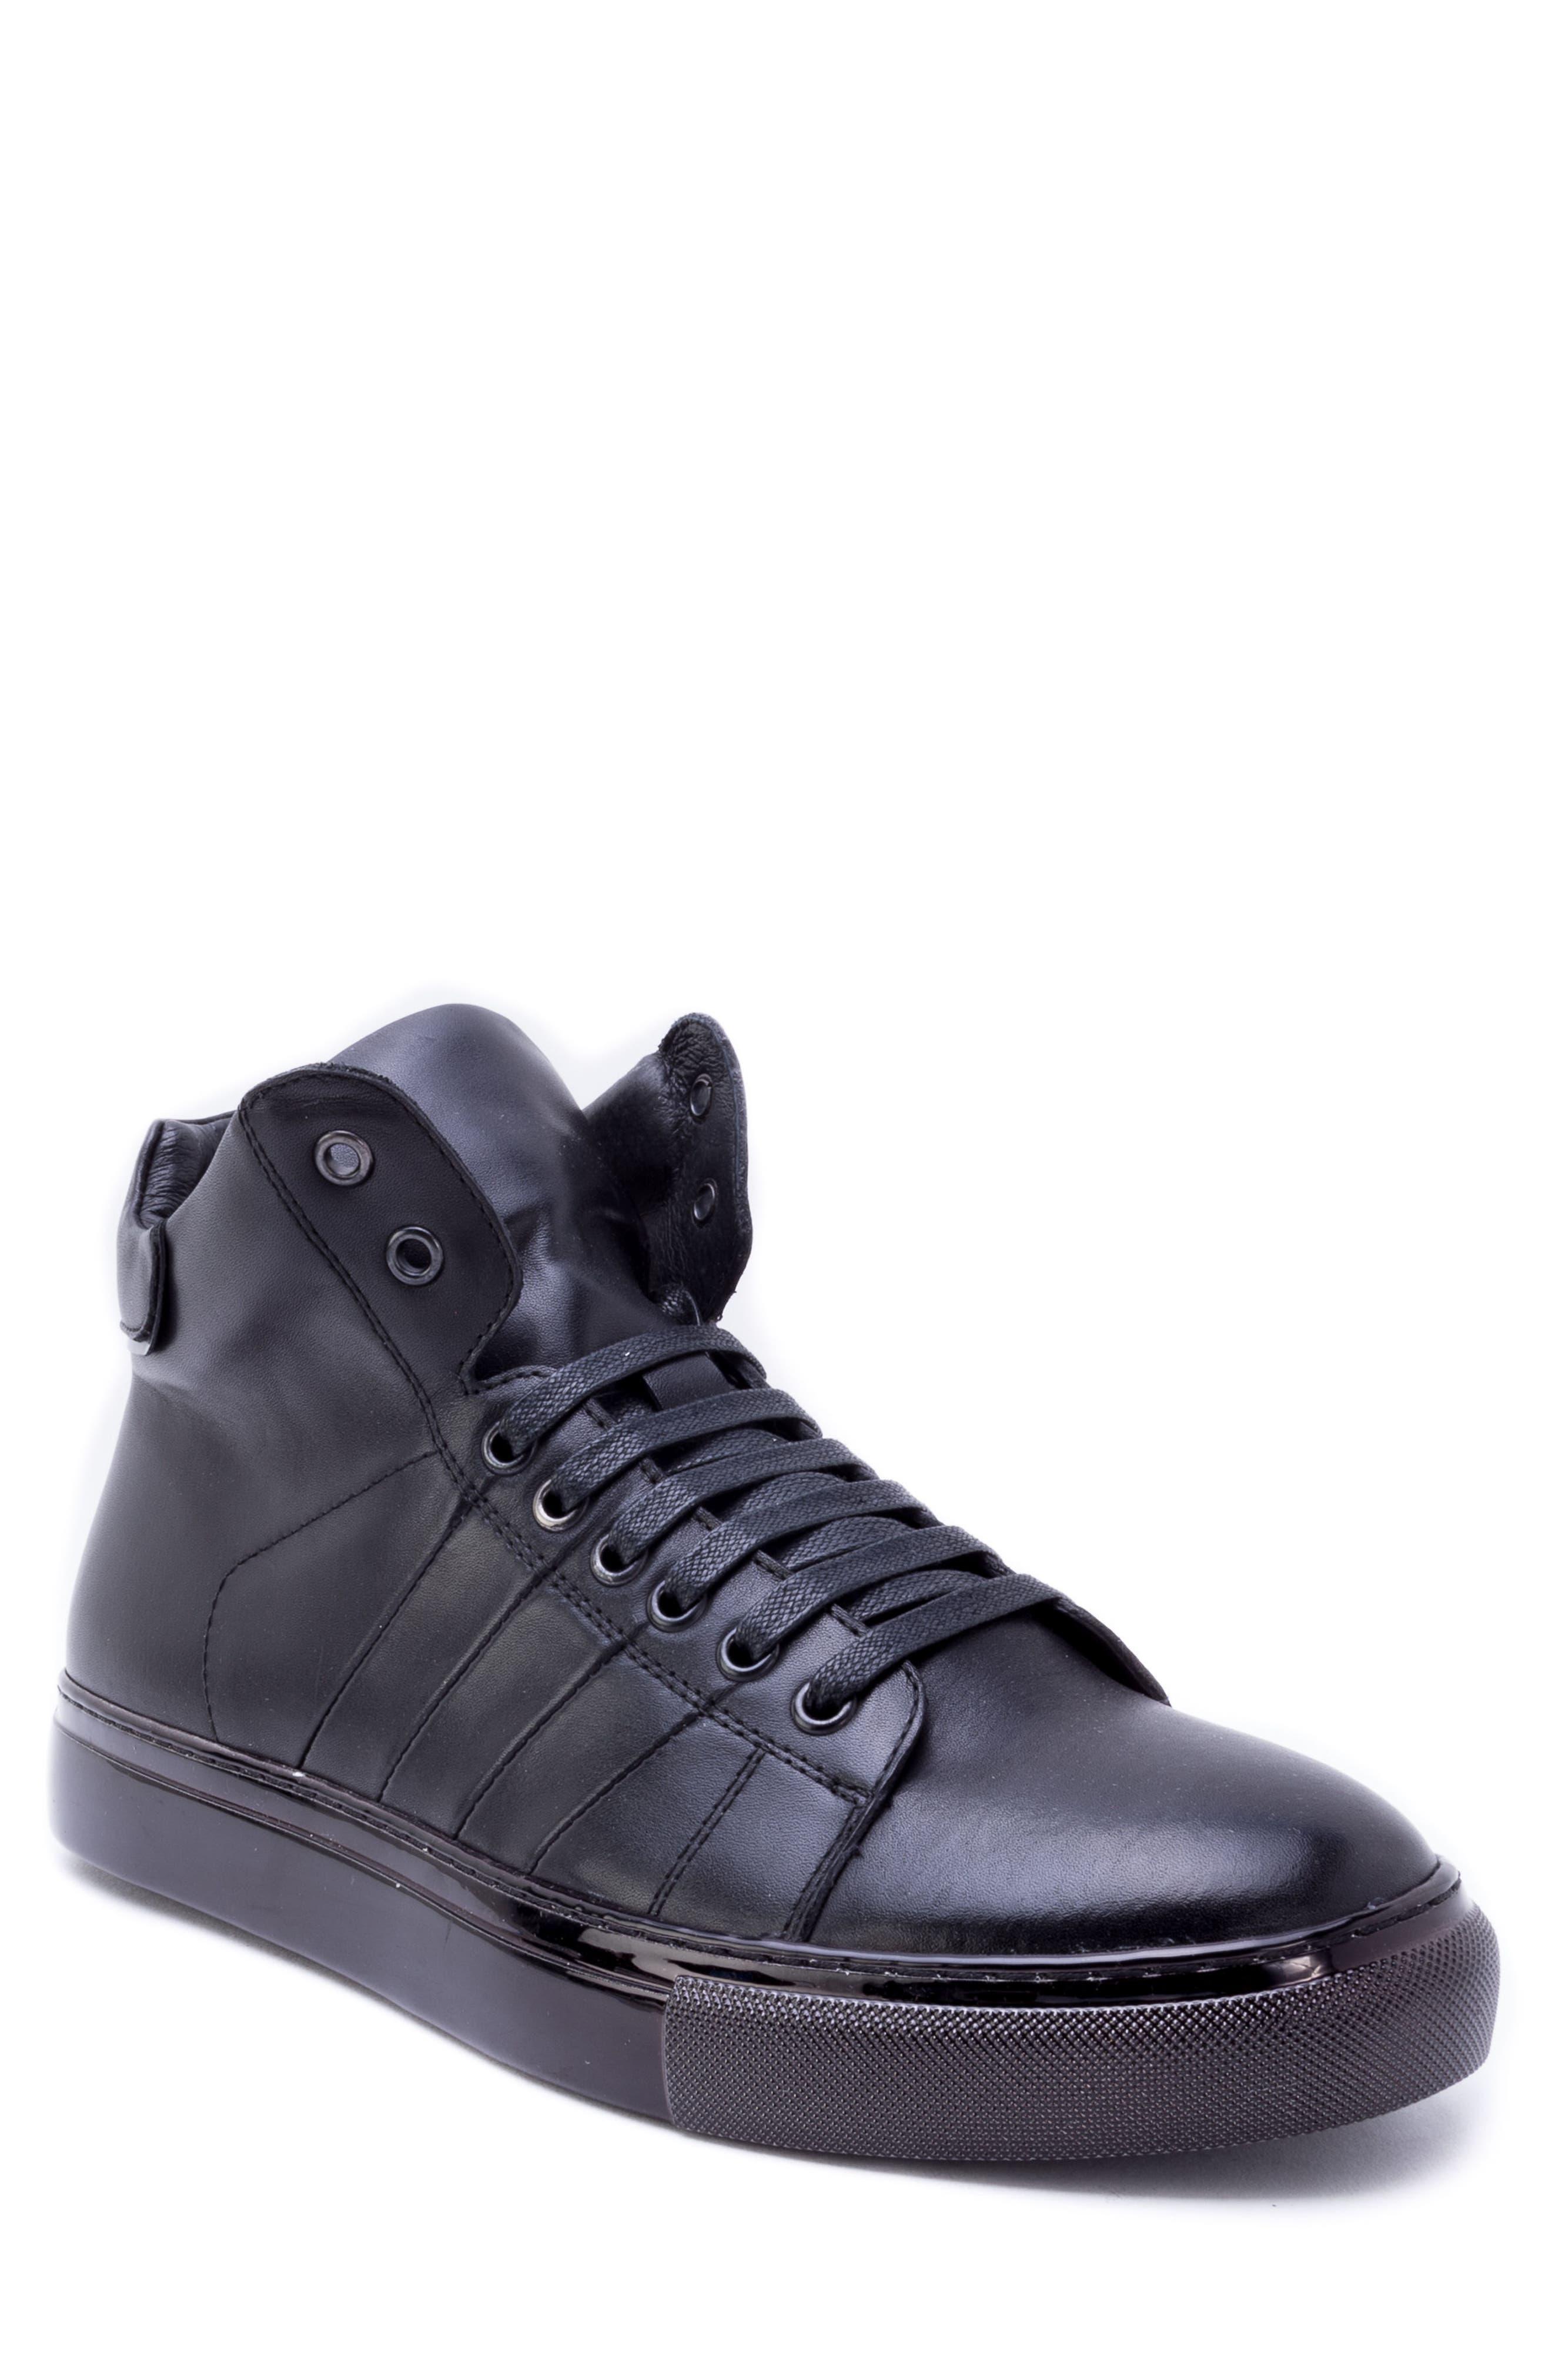 Badgley Mischka Crosby Sneaker, Black